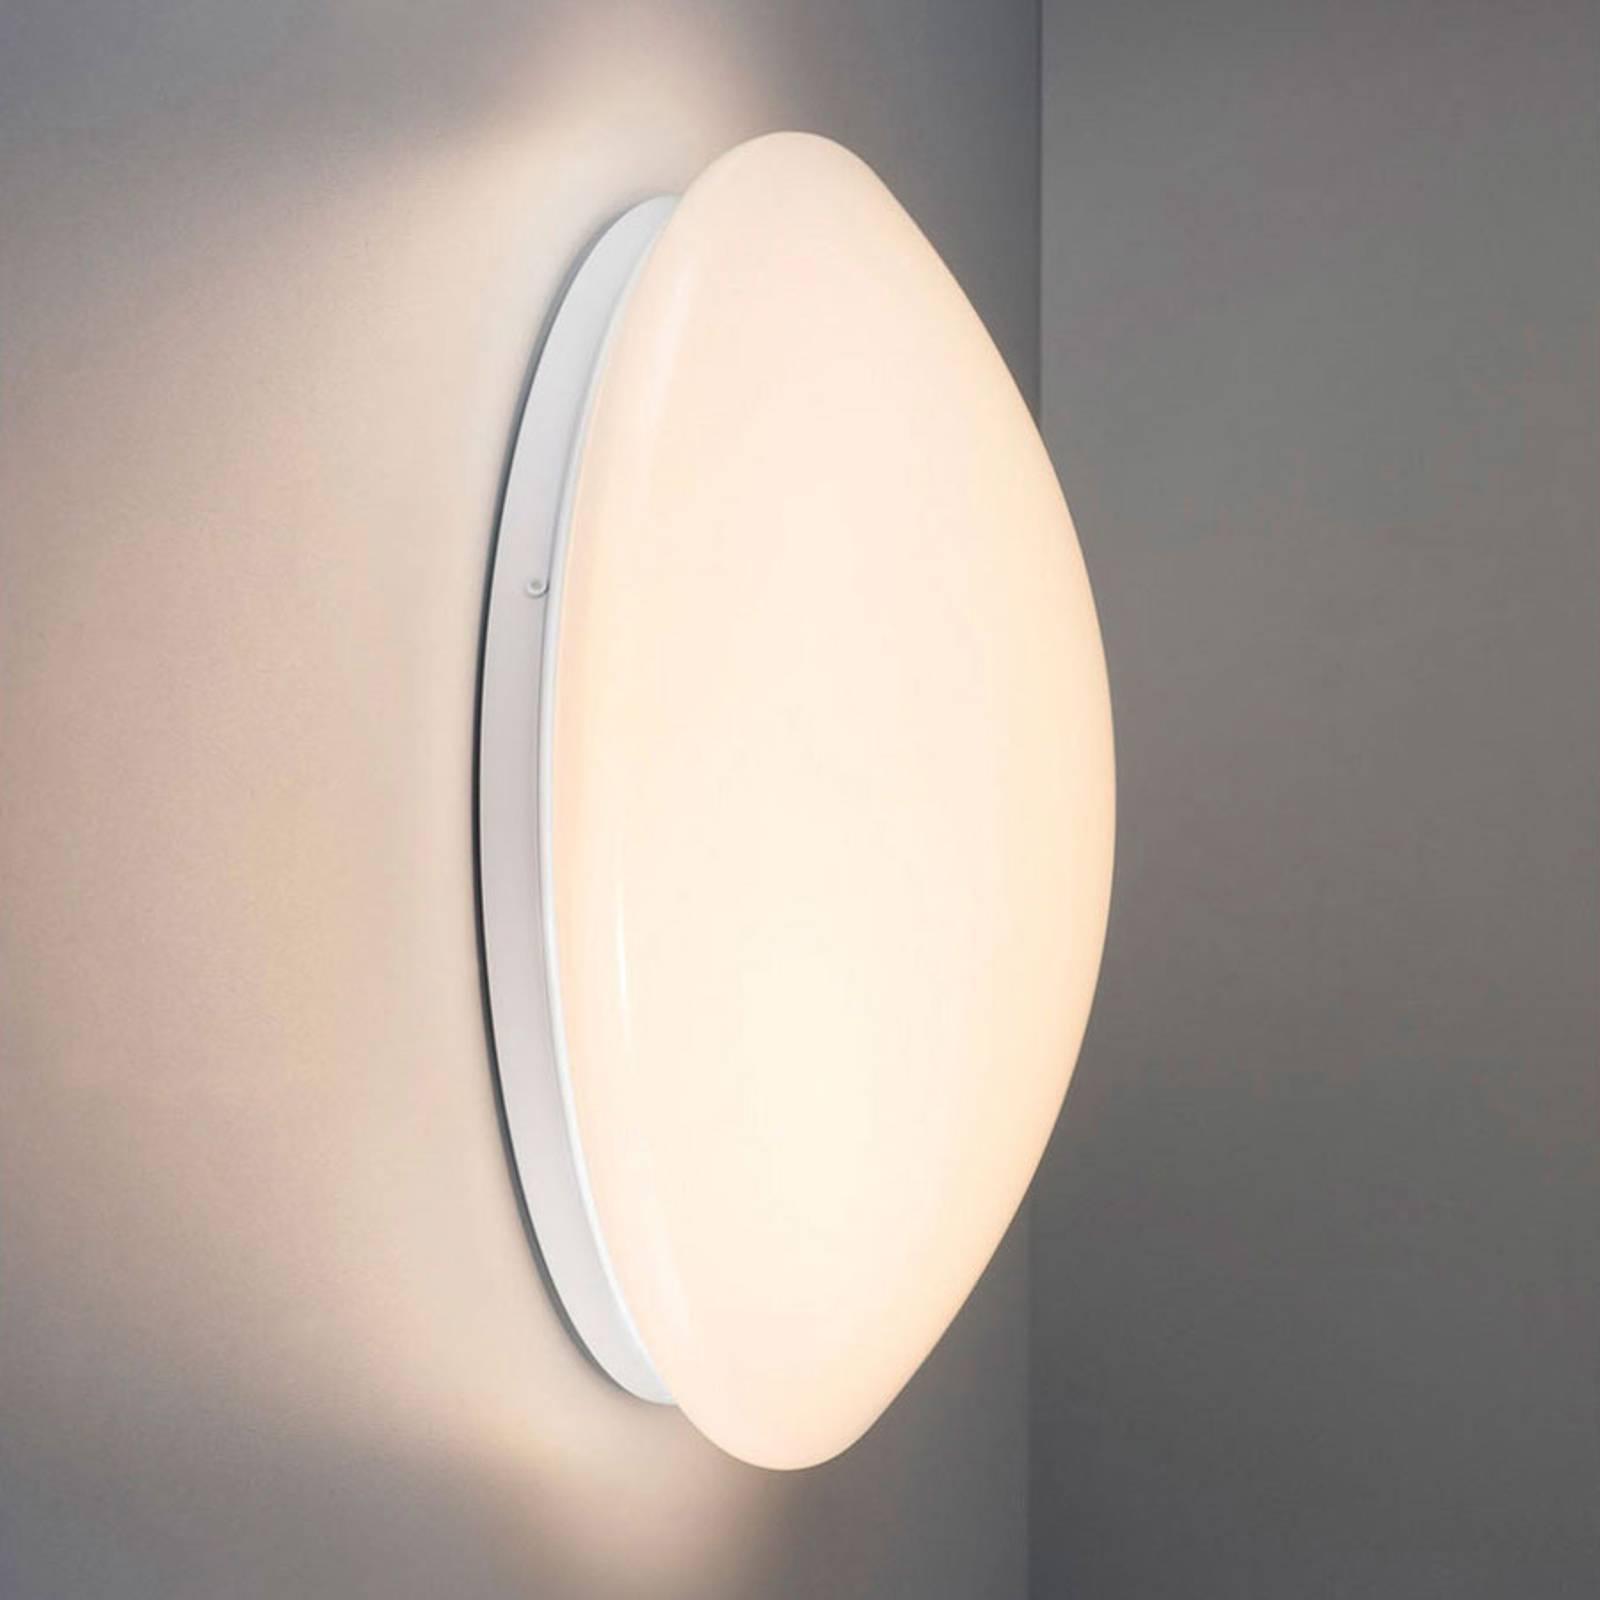 SLV VALETO Lipsy LED wandlamp, Ø 28cm